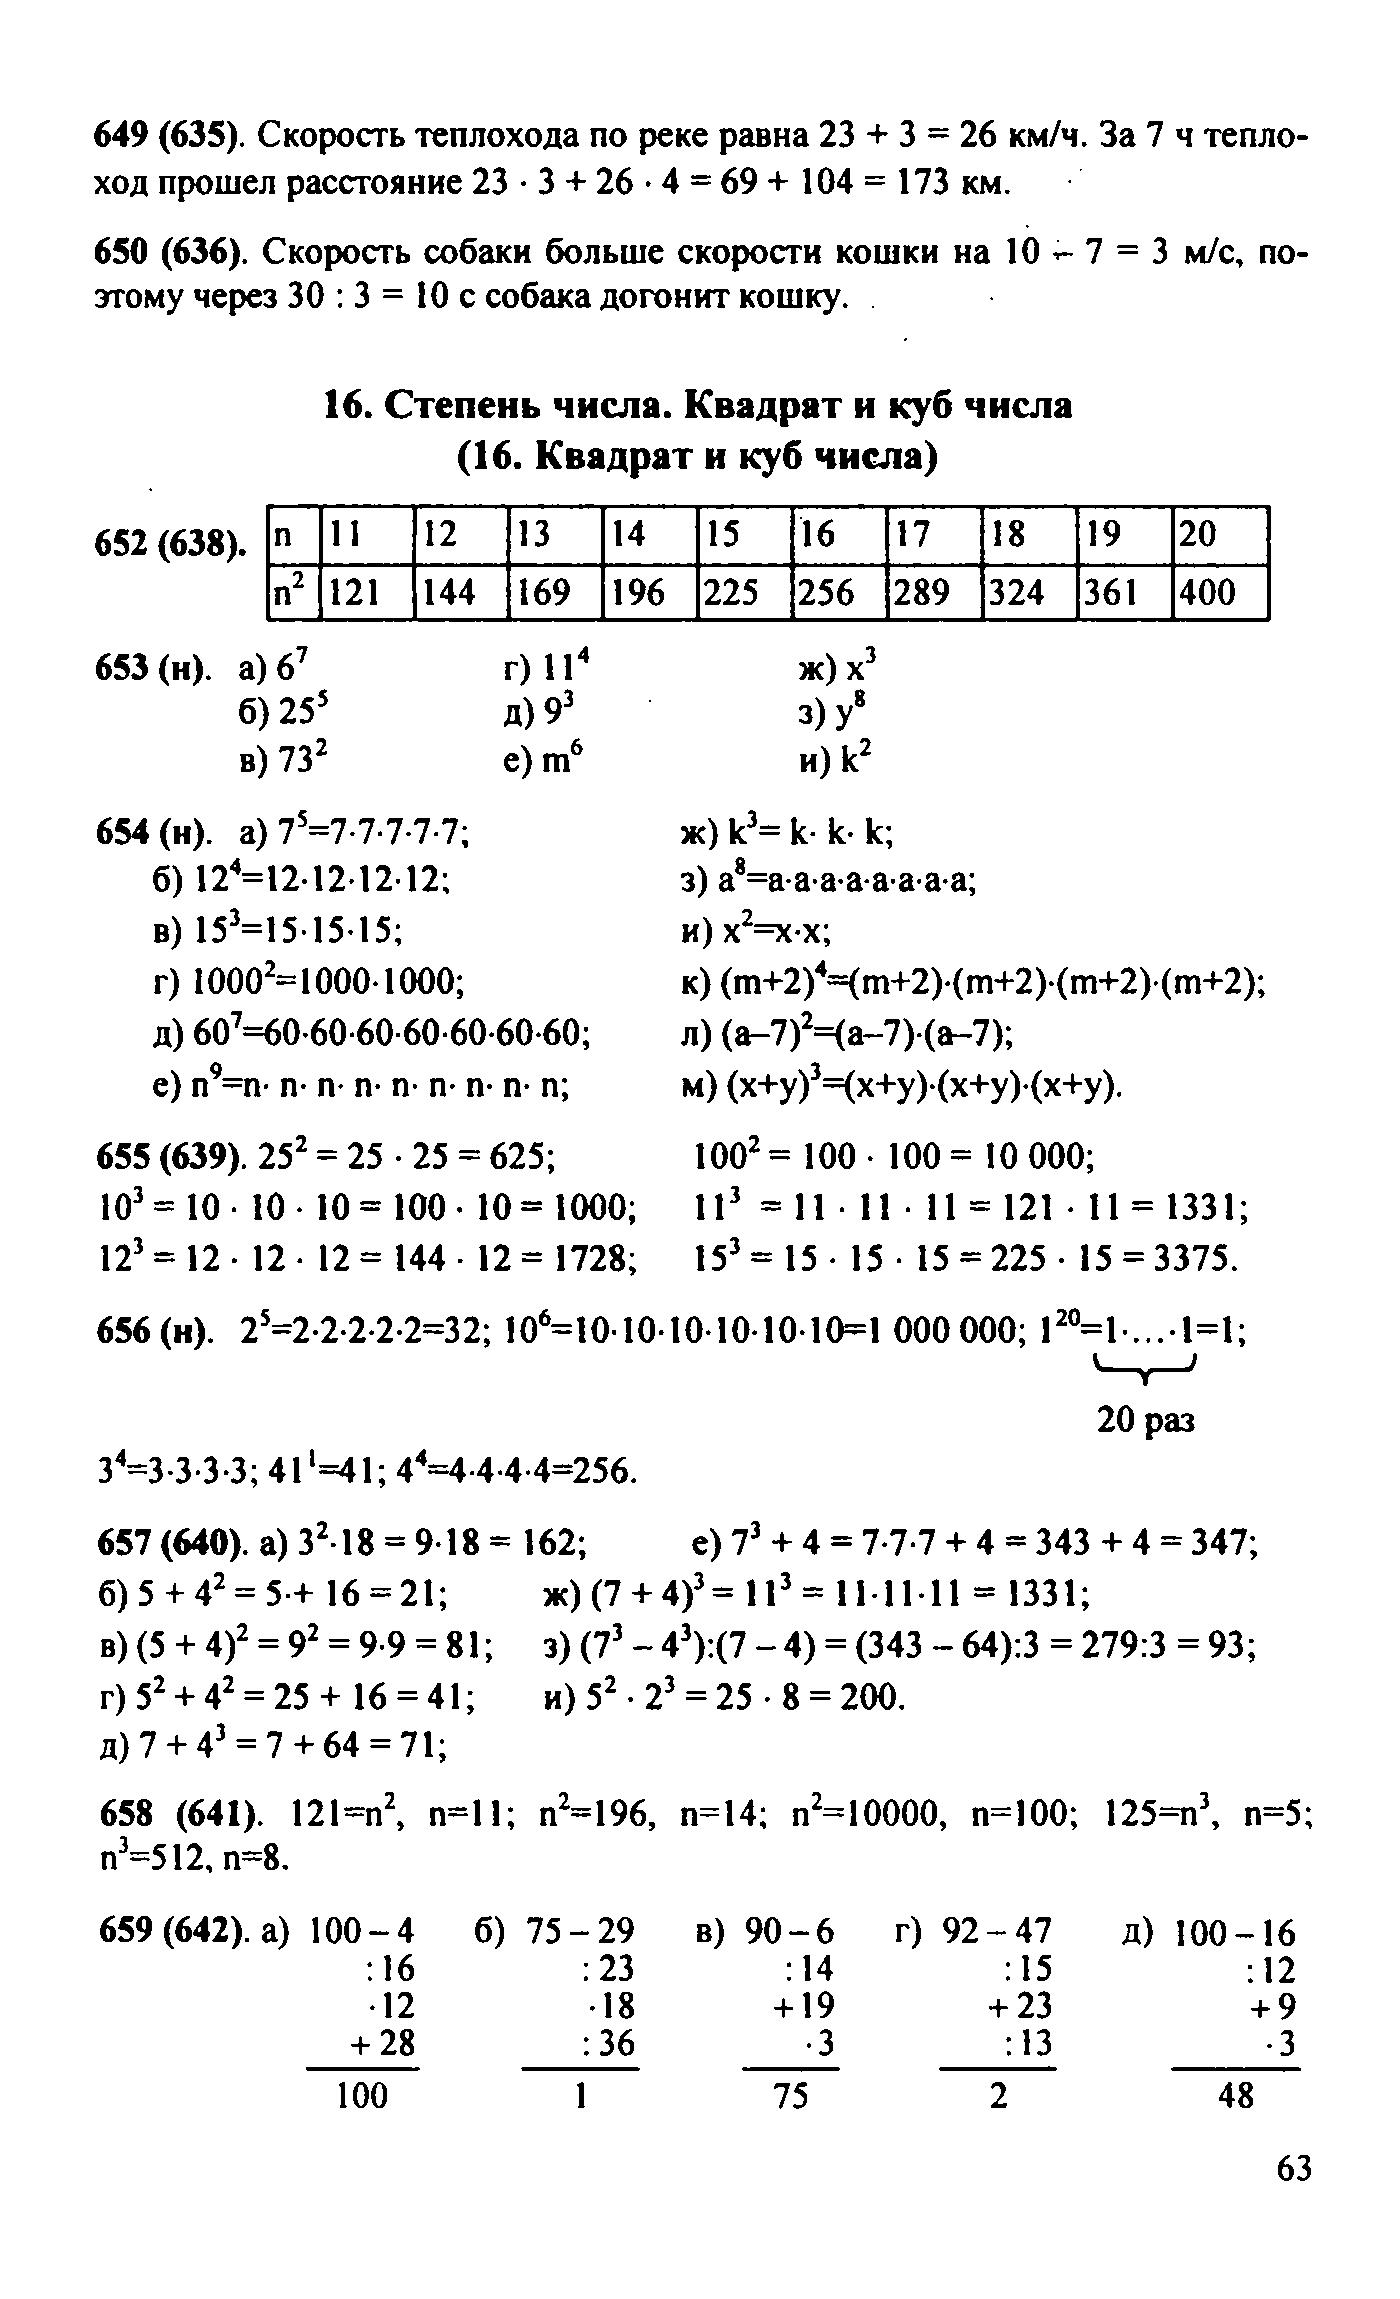 Гдз по математике 5 класс виленкин 1 часть